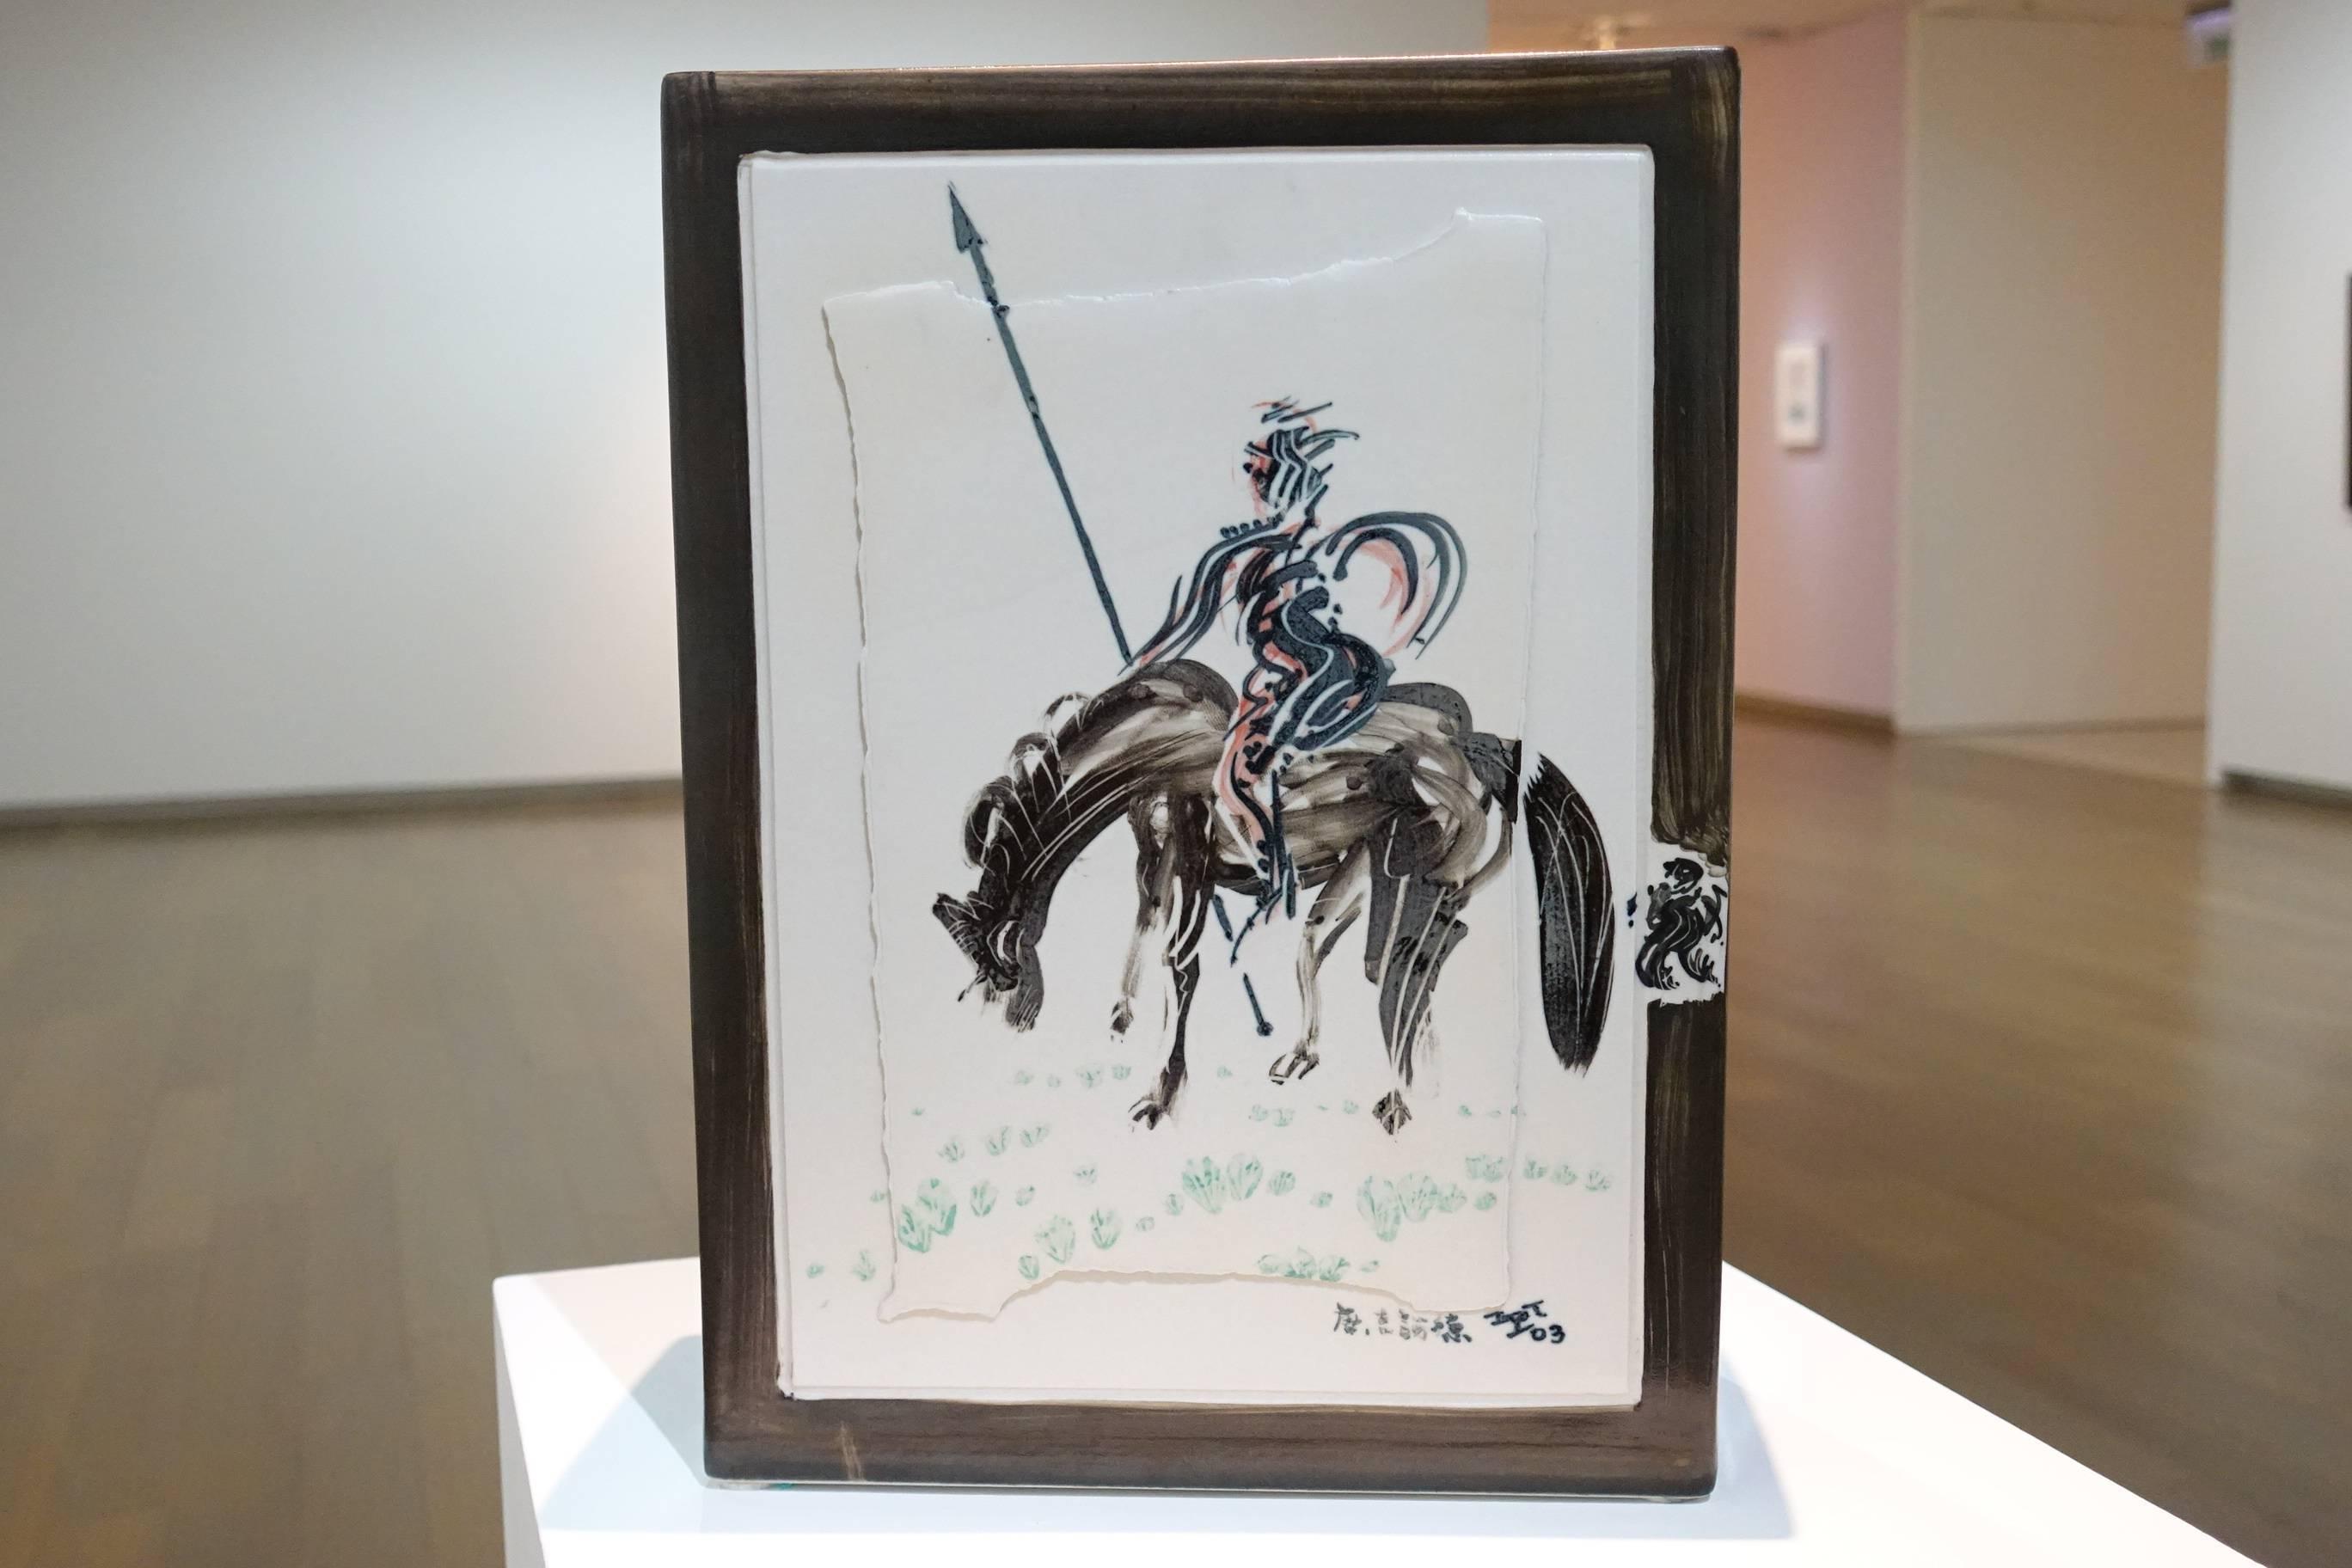 夏陽、唐吉軻德,2003年。